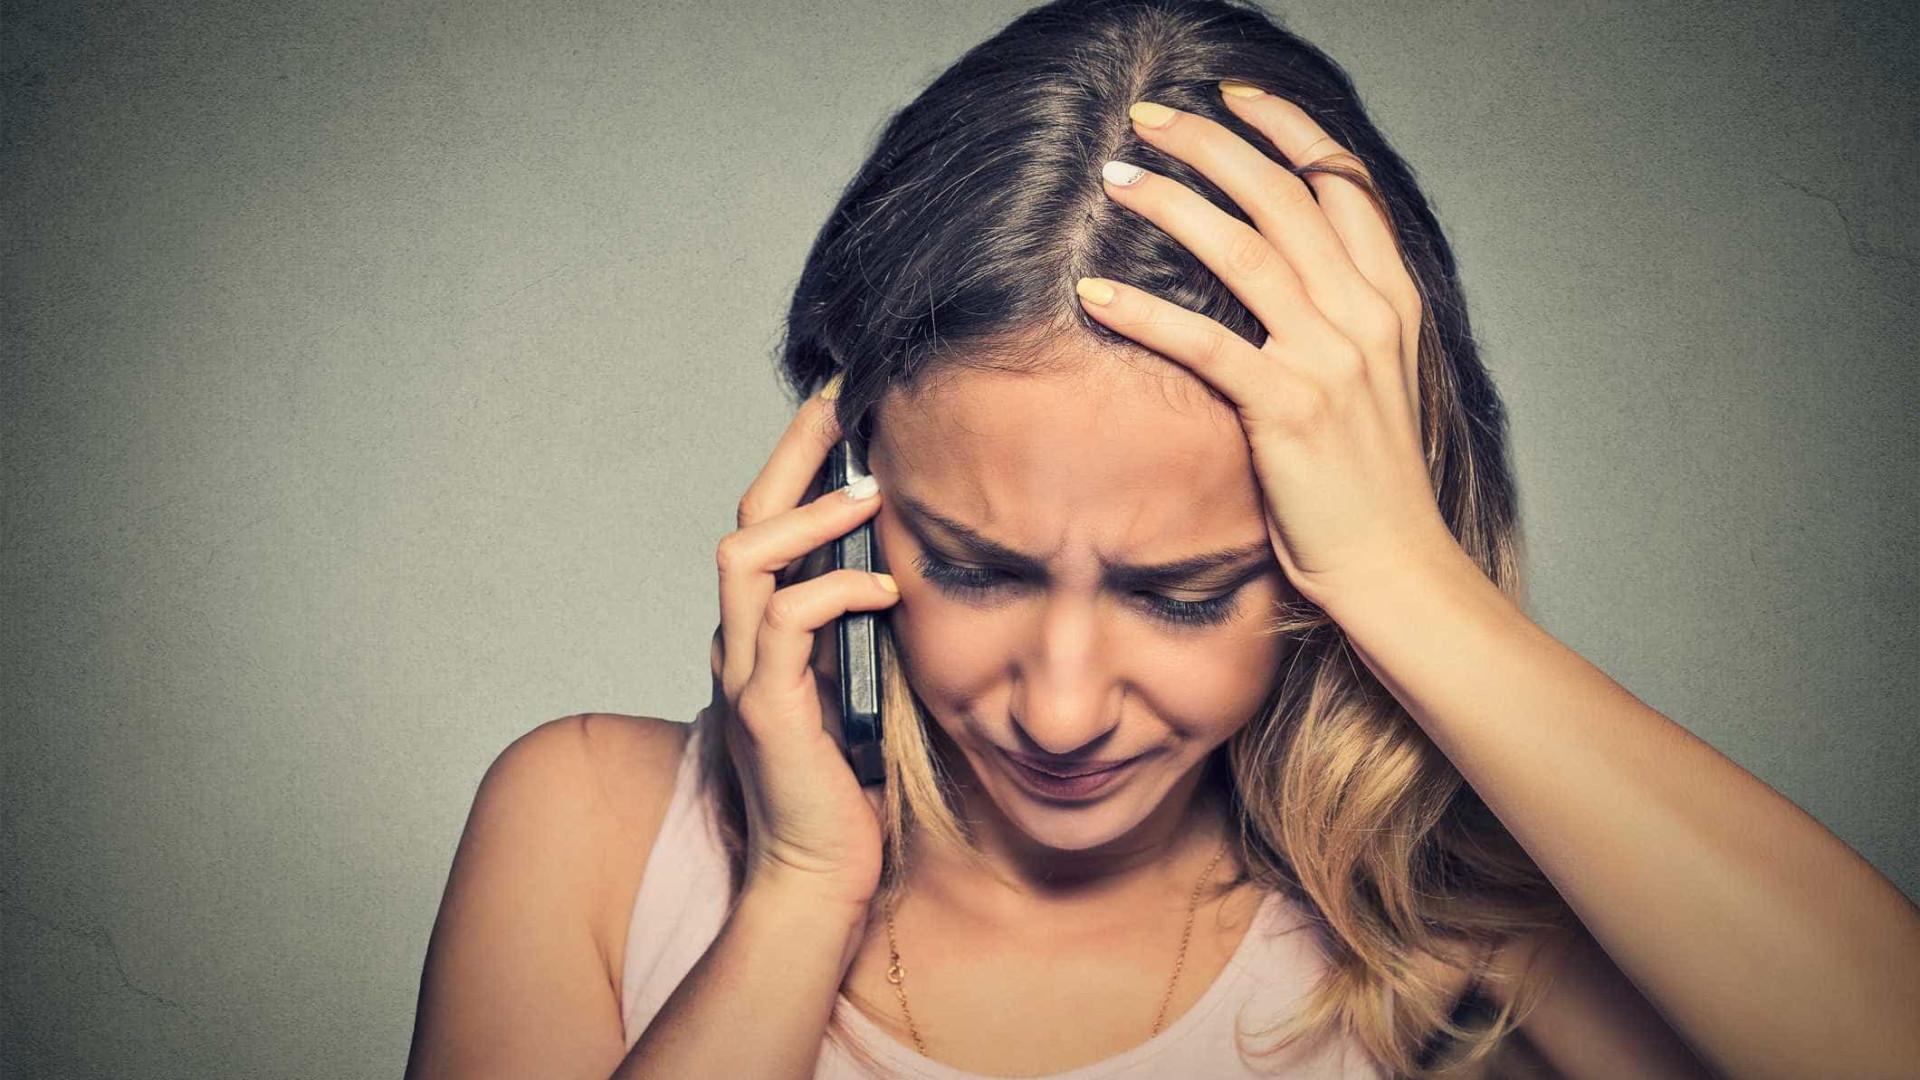 Cansado, stressado, triste? Telefone à sua mãe